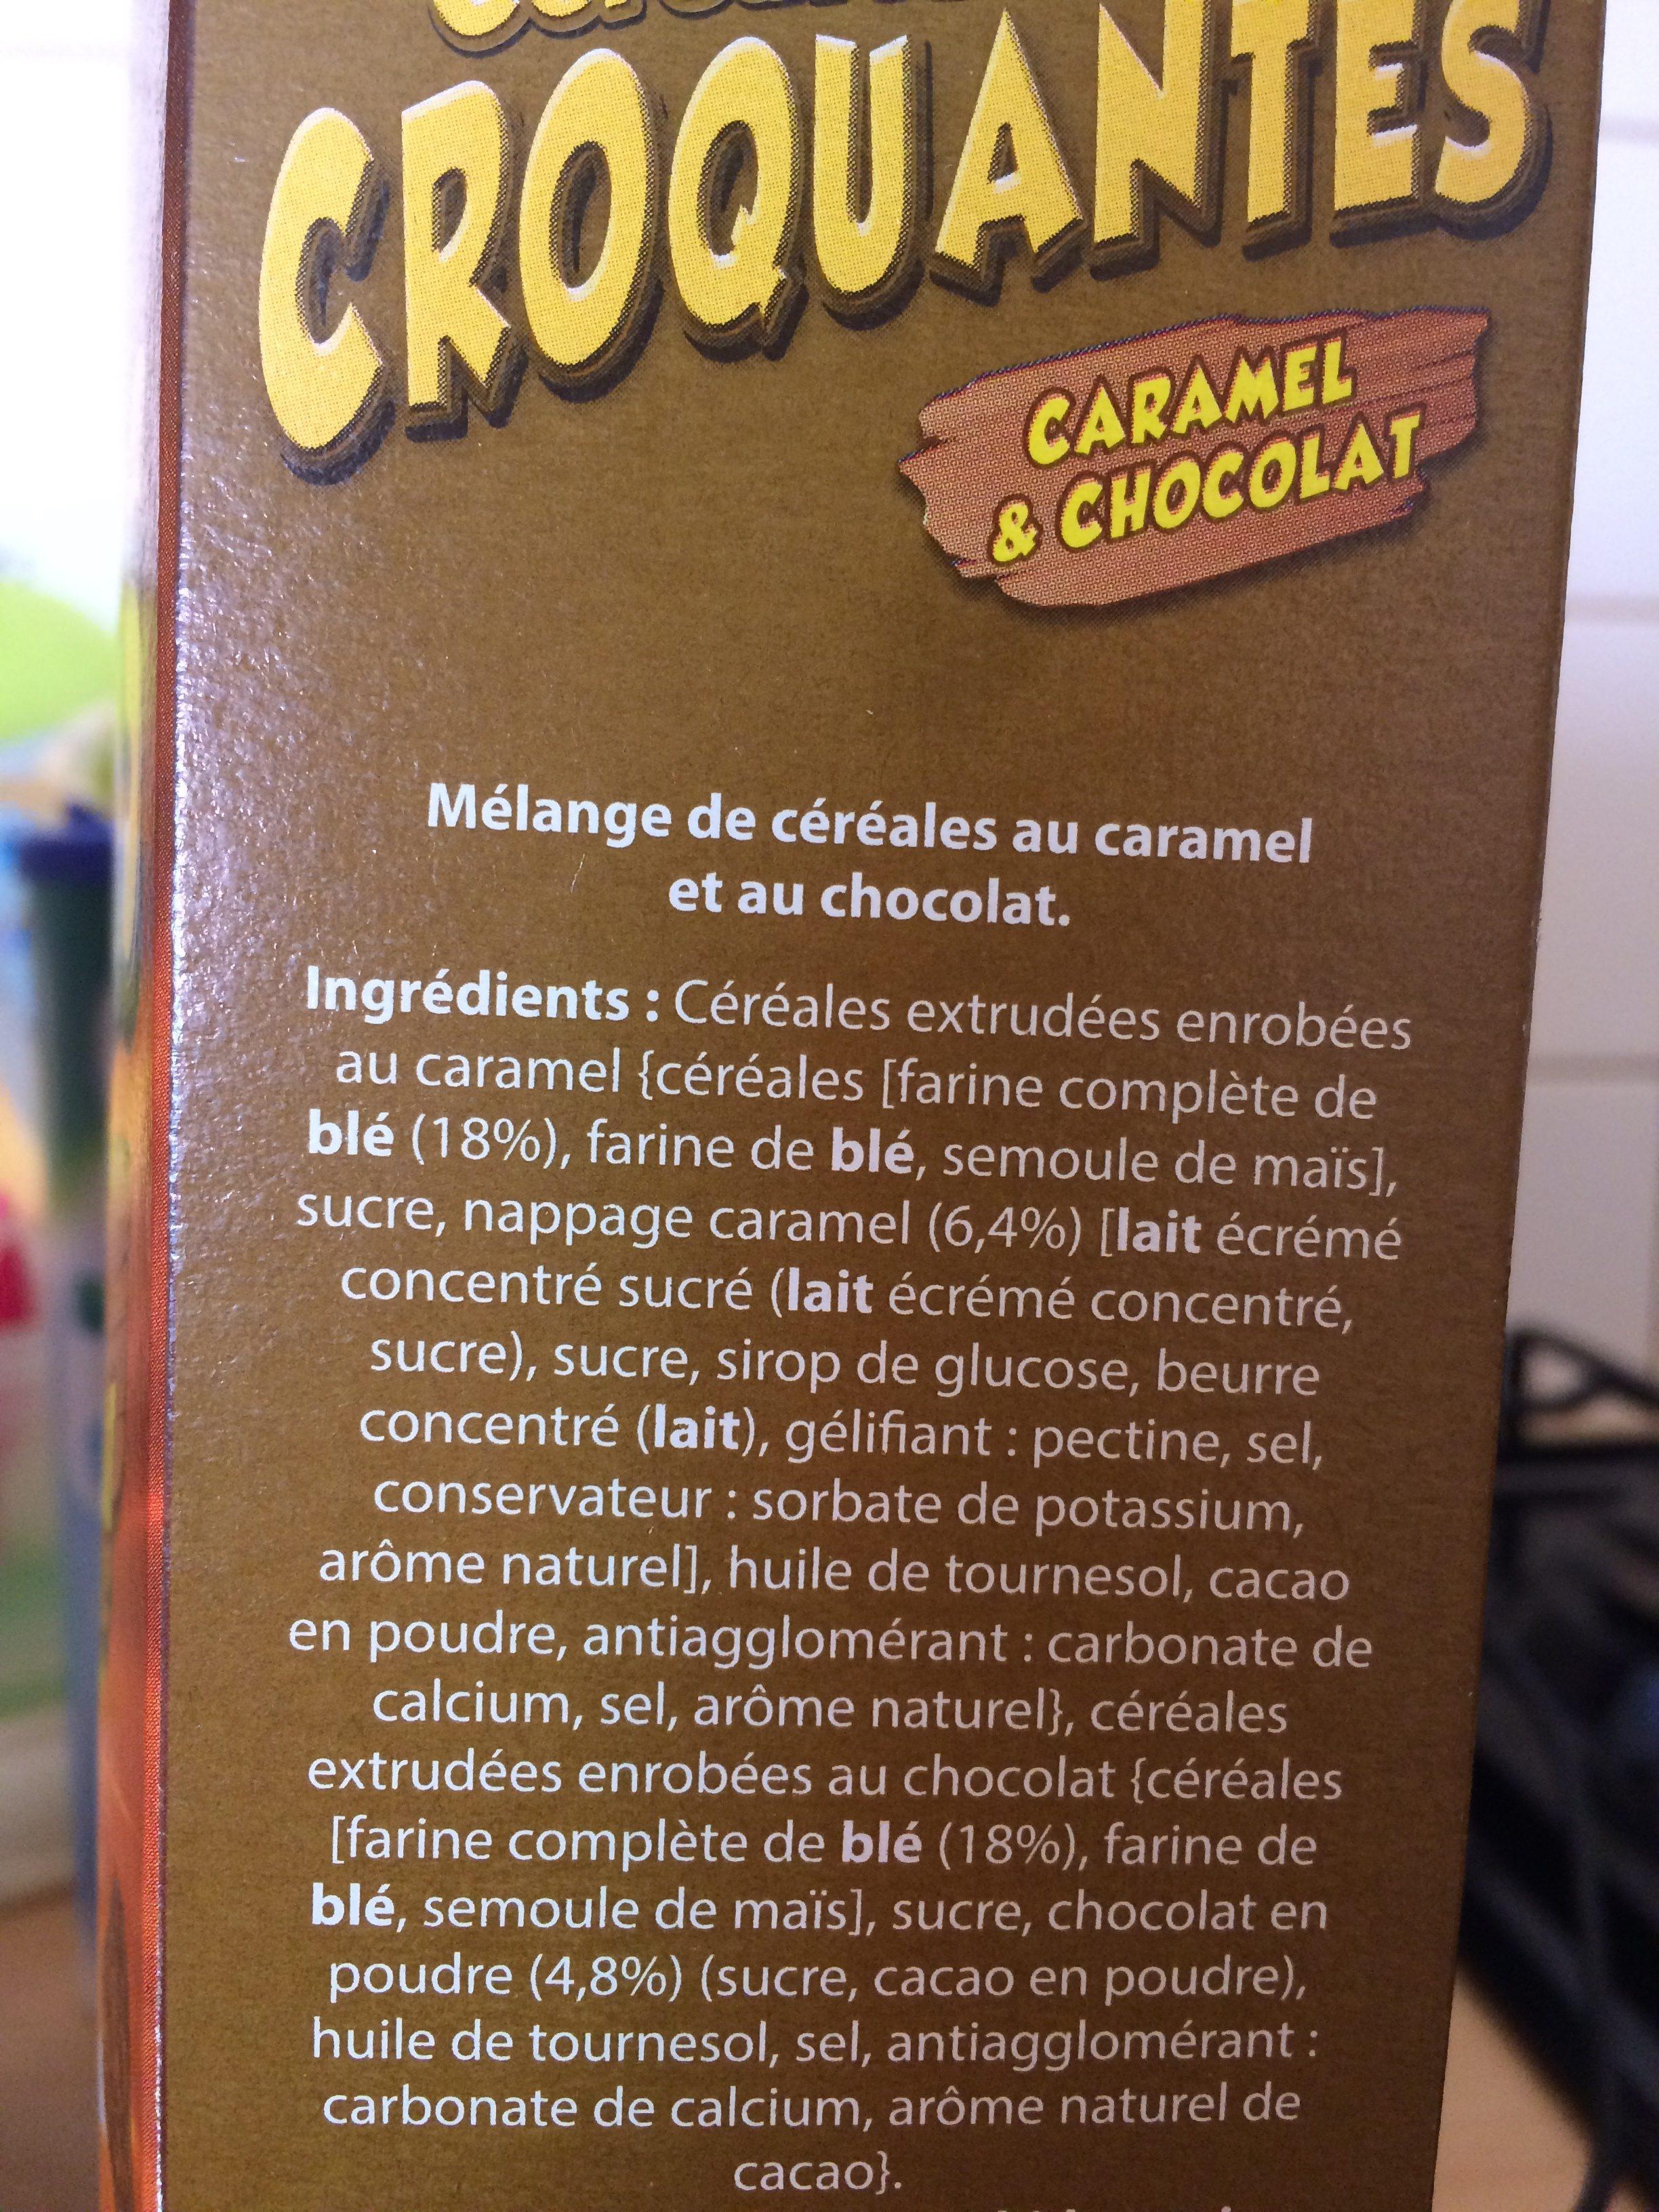 Céréales choco caramel croquantes - Ingrédients